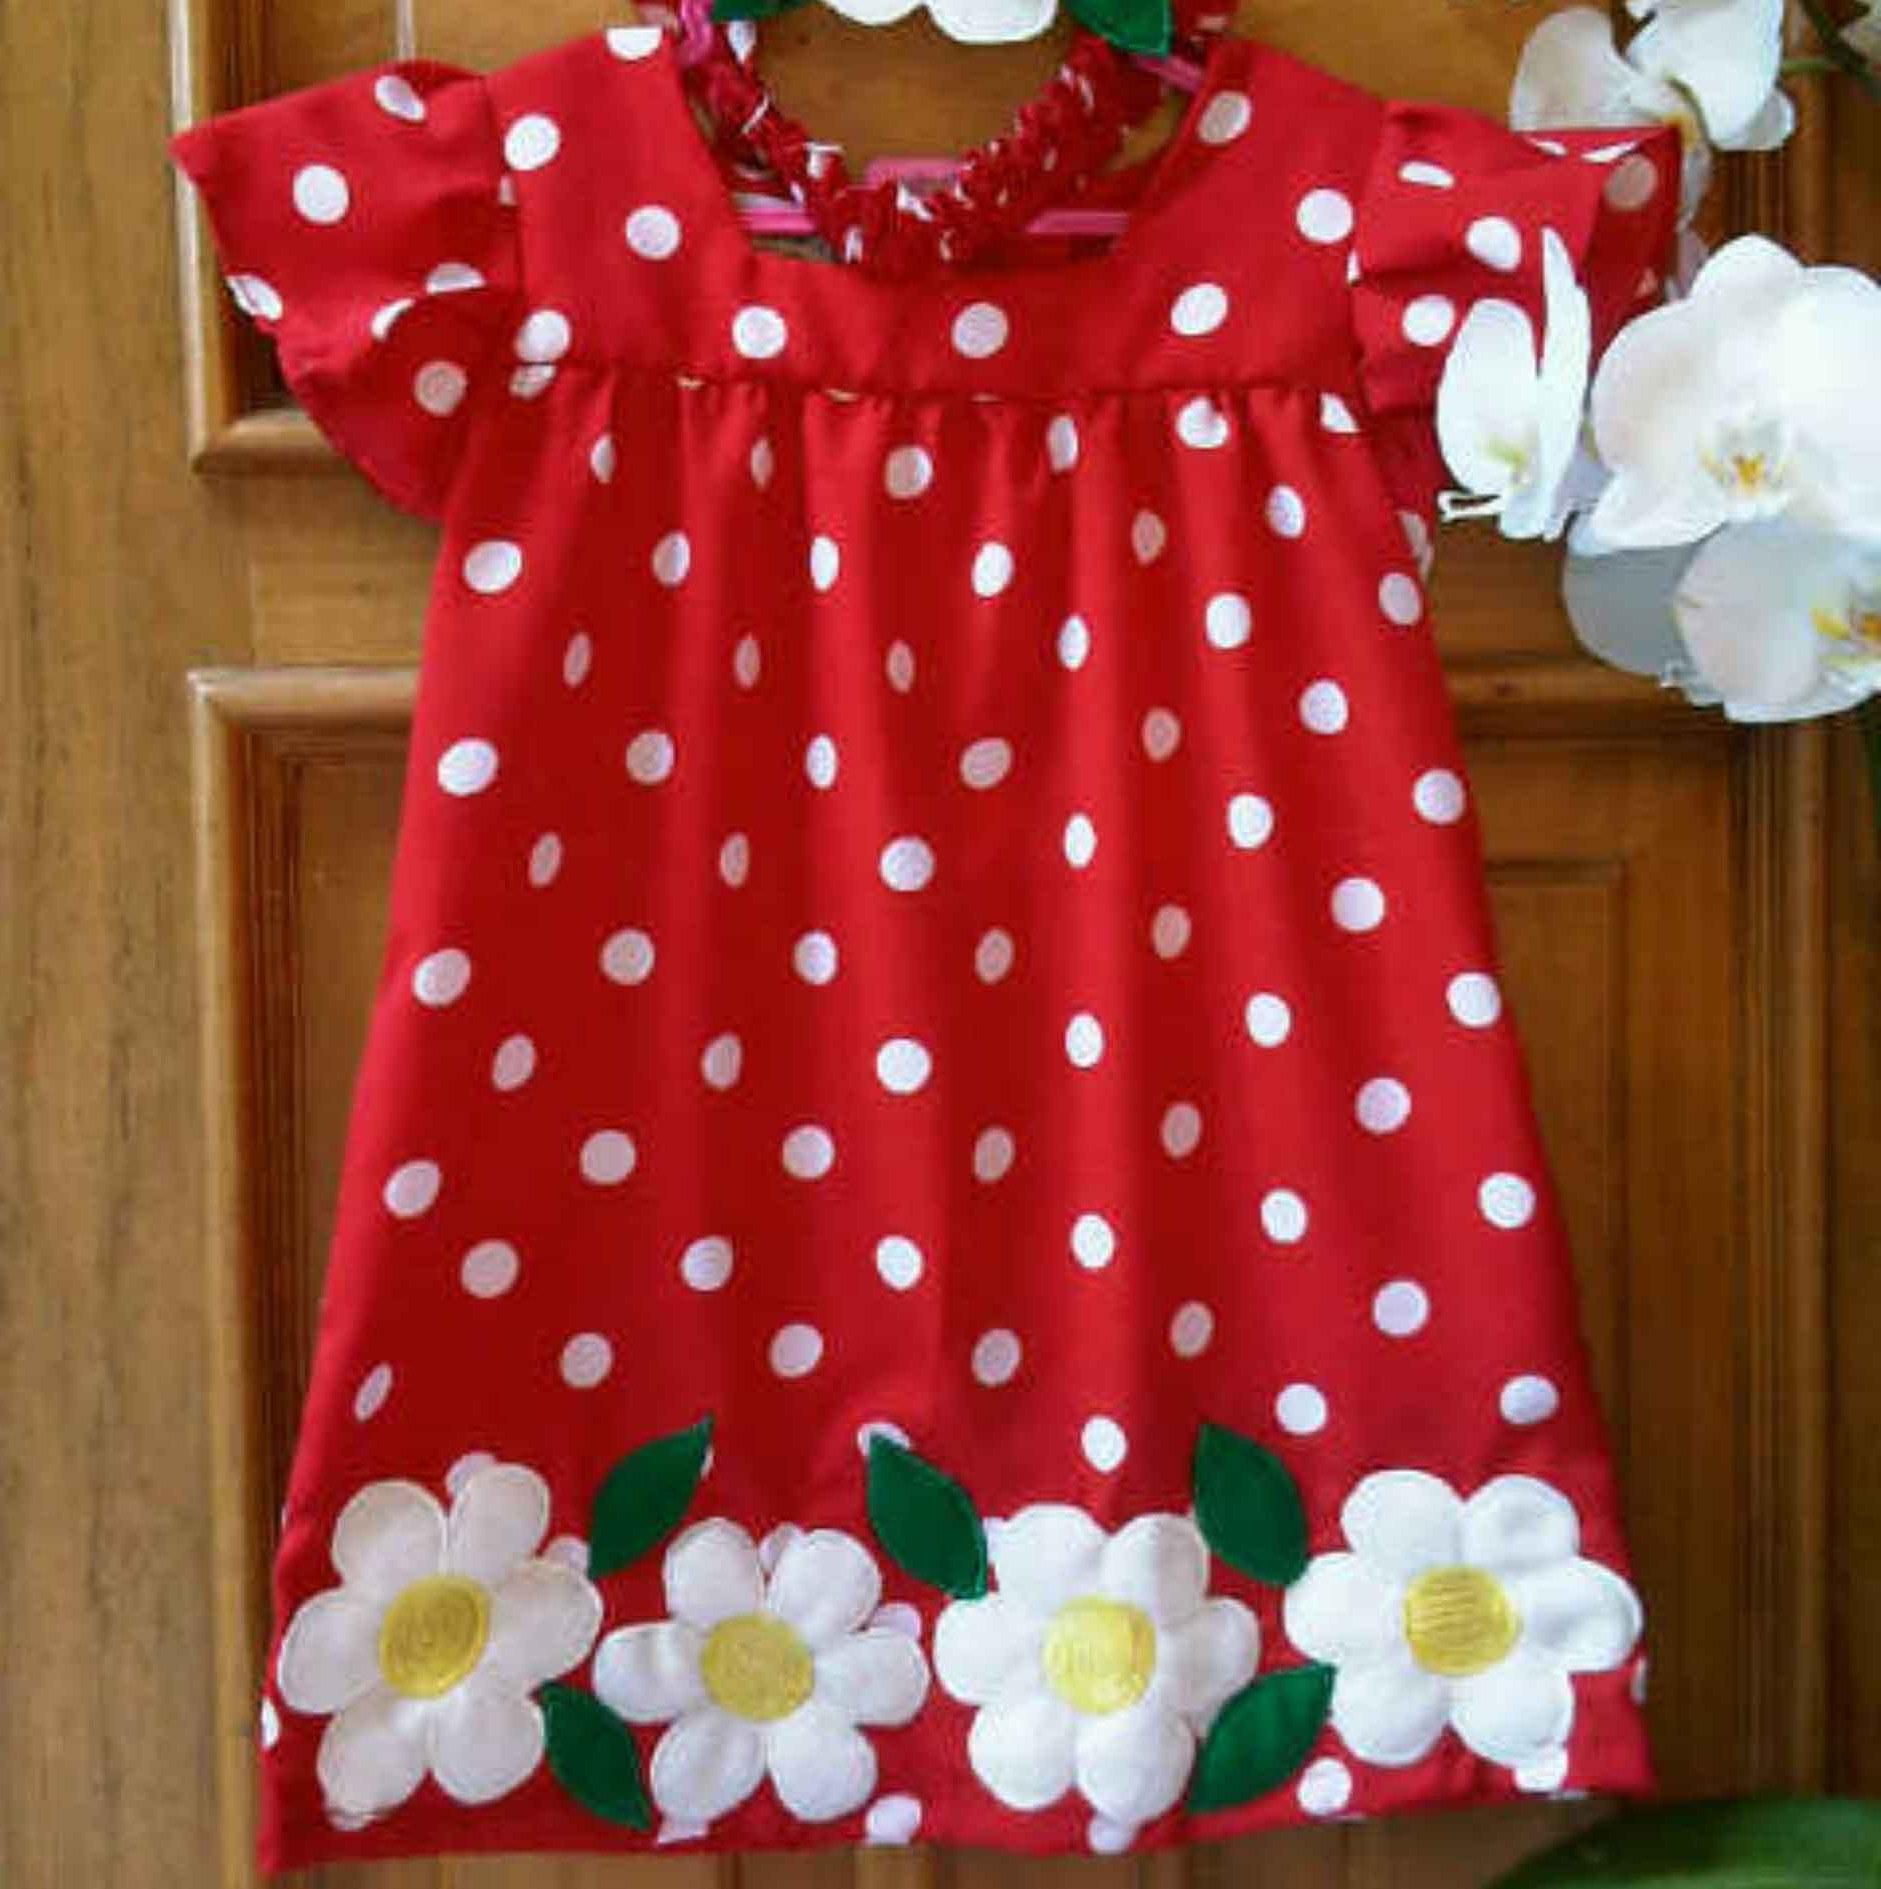 Ide Baju Lebaran Anak Usia 10 Tahun Gdd0 25 Inspirasi Baju Batik Anak 10 Tahun Yang Sayang Untuk